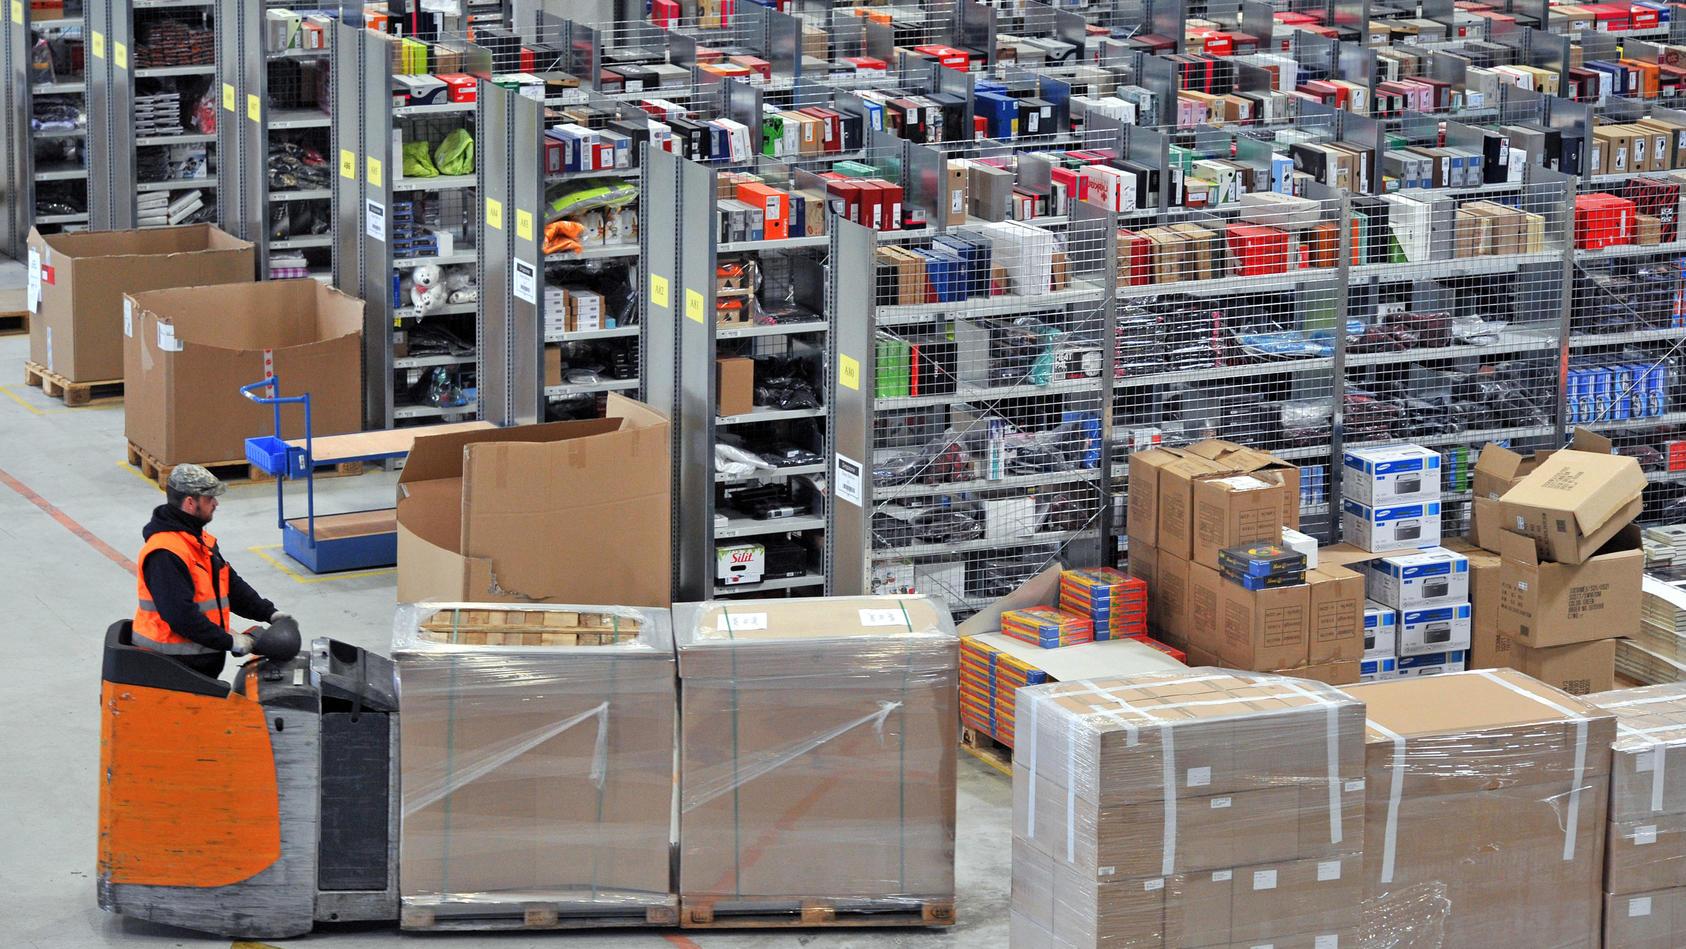 Schwere Vorwürfe gegen Amazon: Überwacht der Konzern seine Mitarbeiter?